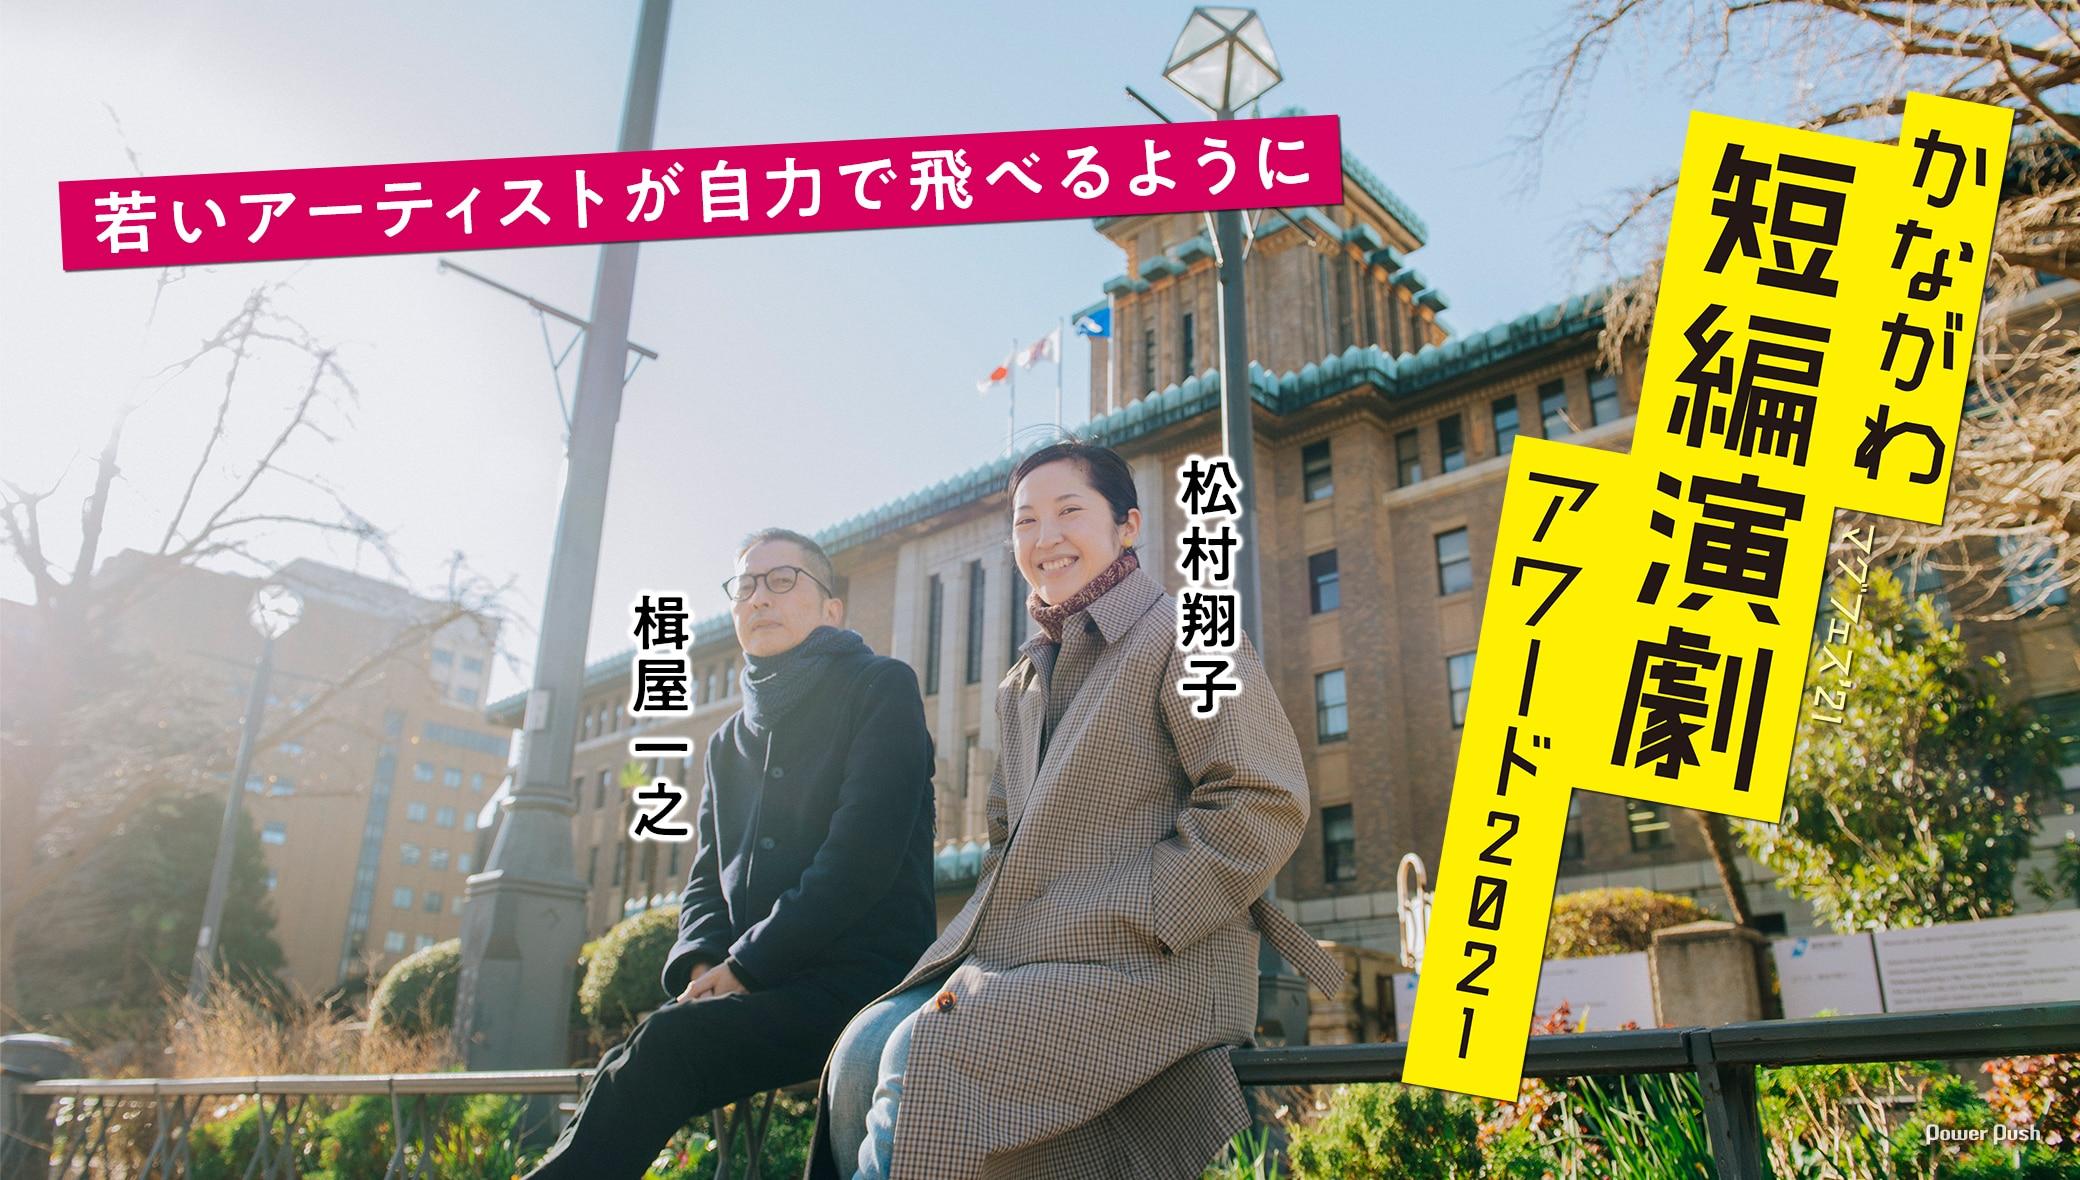 「かながわ短編演劇アワード」楫屋一之×松村翔子|若いアーティストが自力で飛べるように